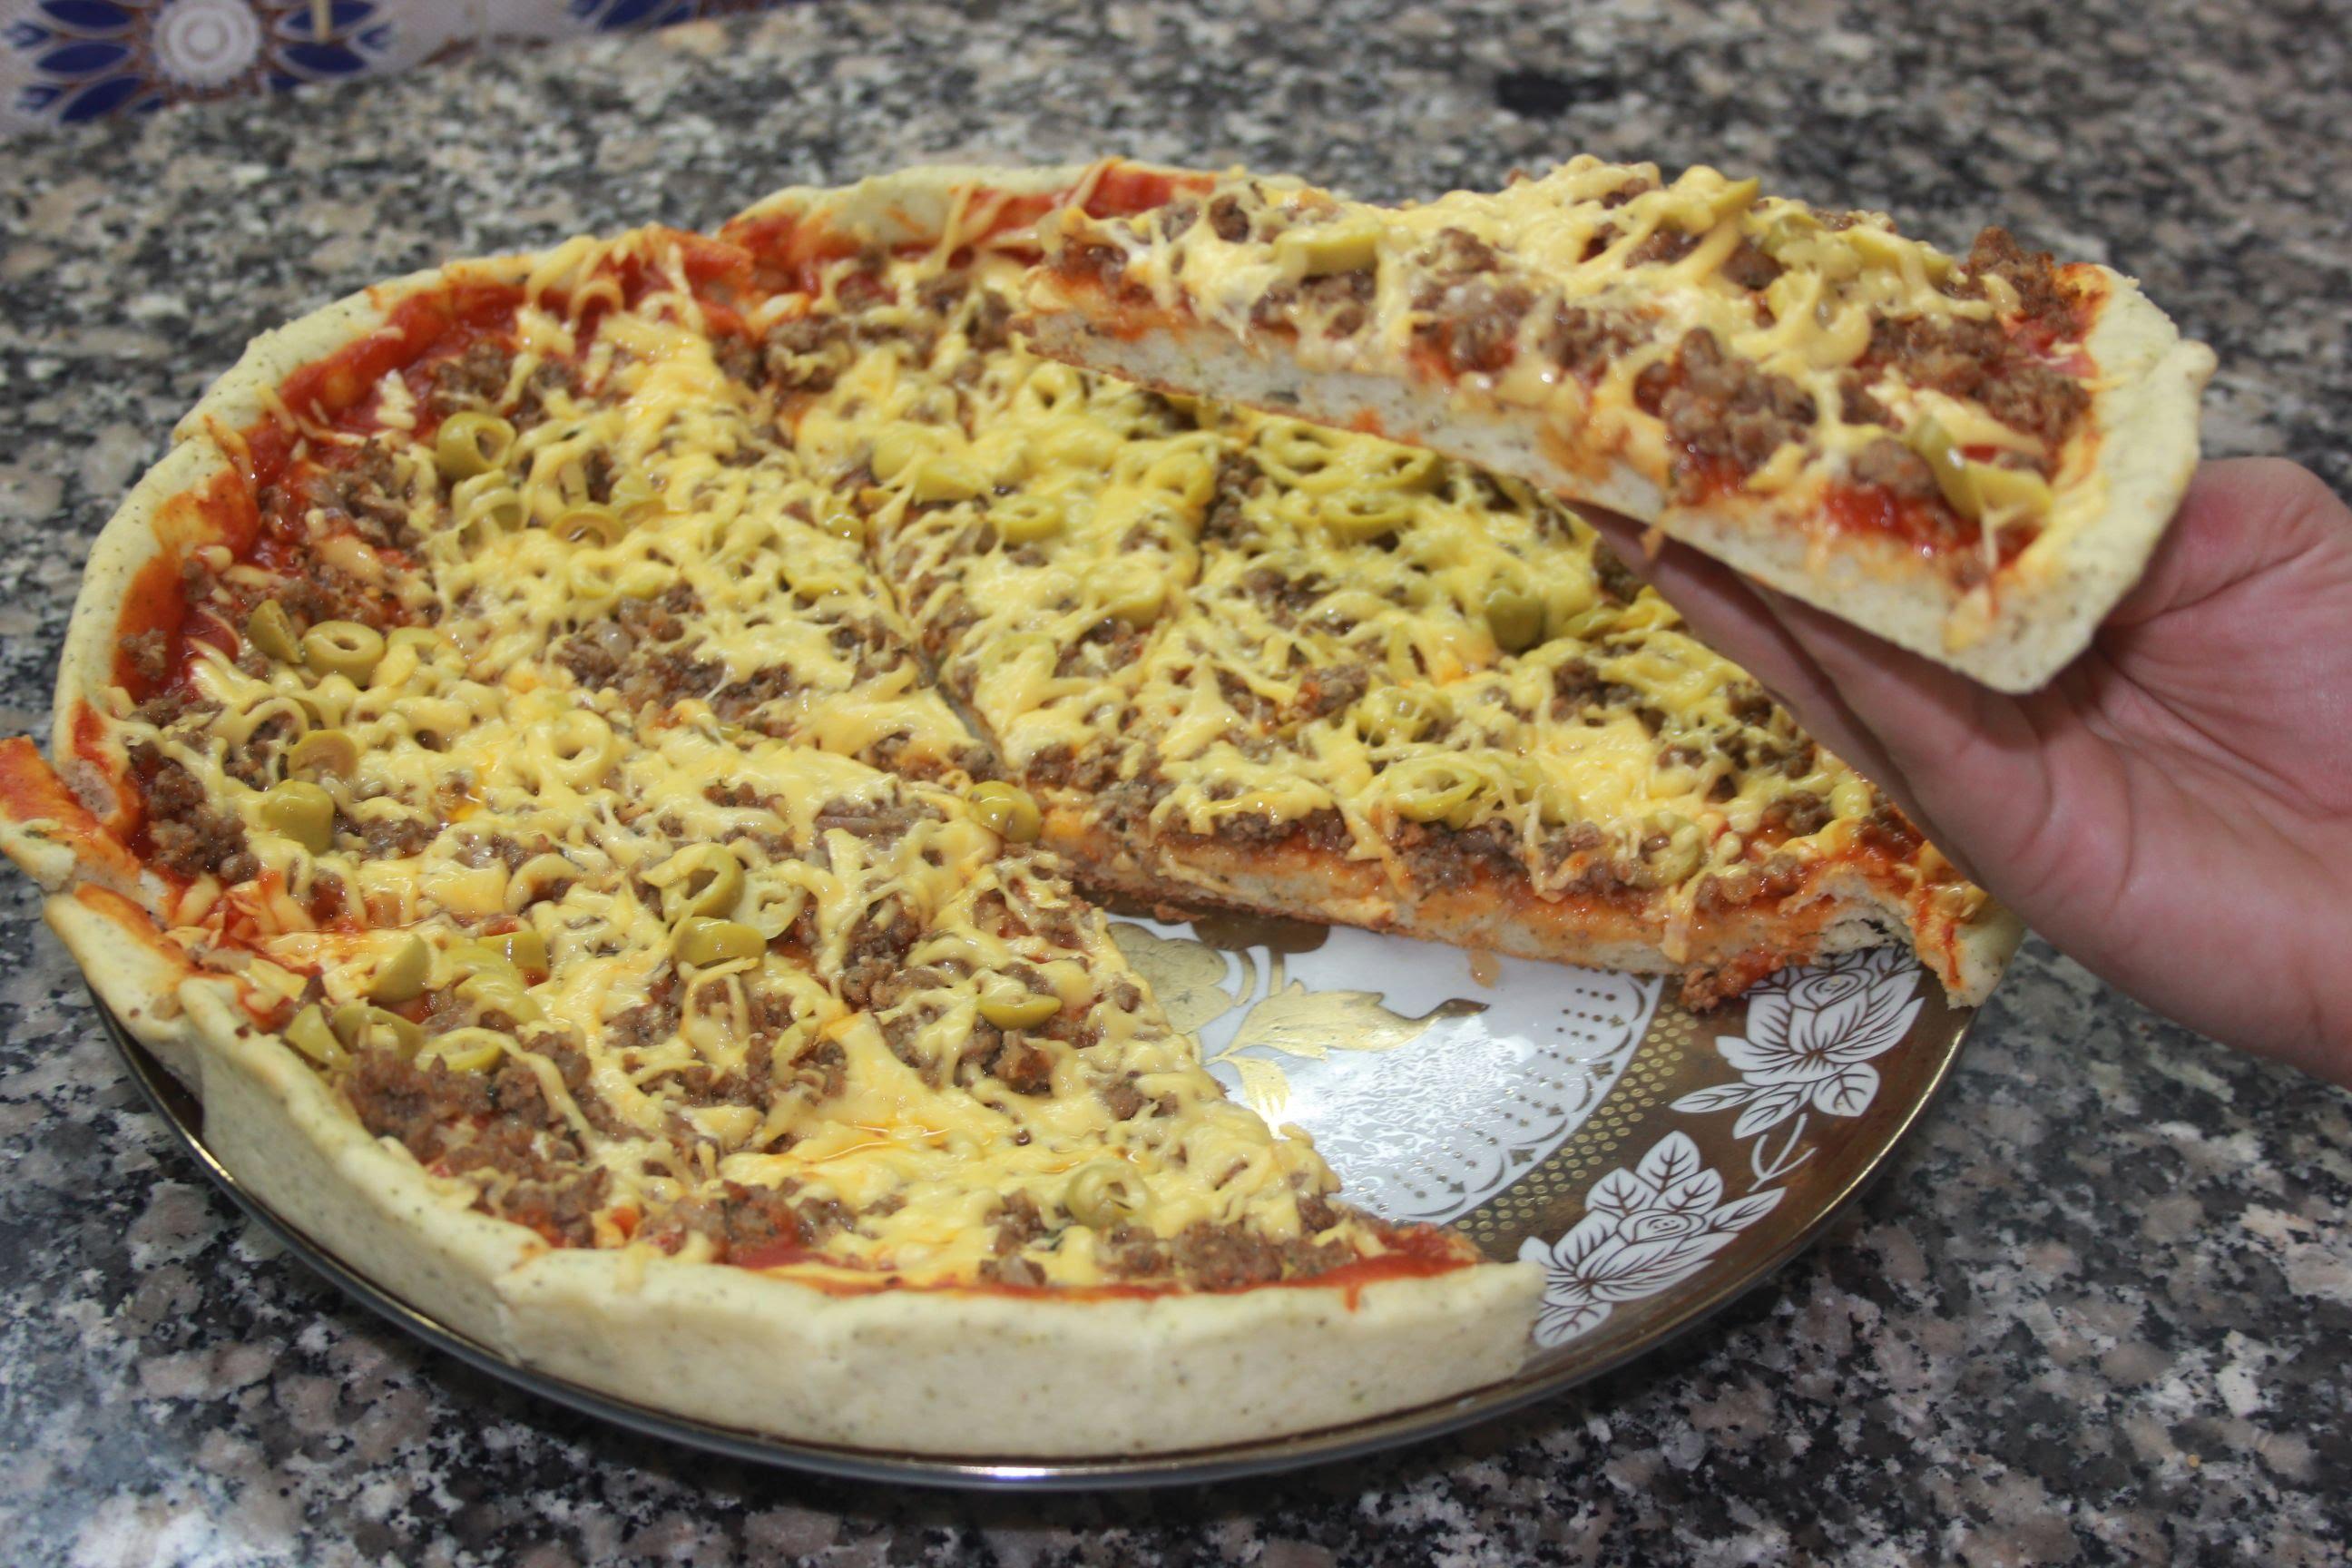 بالصور كيفية تحضير البيتزا , البيتزا في البيت بطريقة سهلة 2703 9